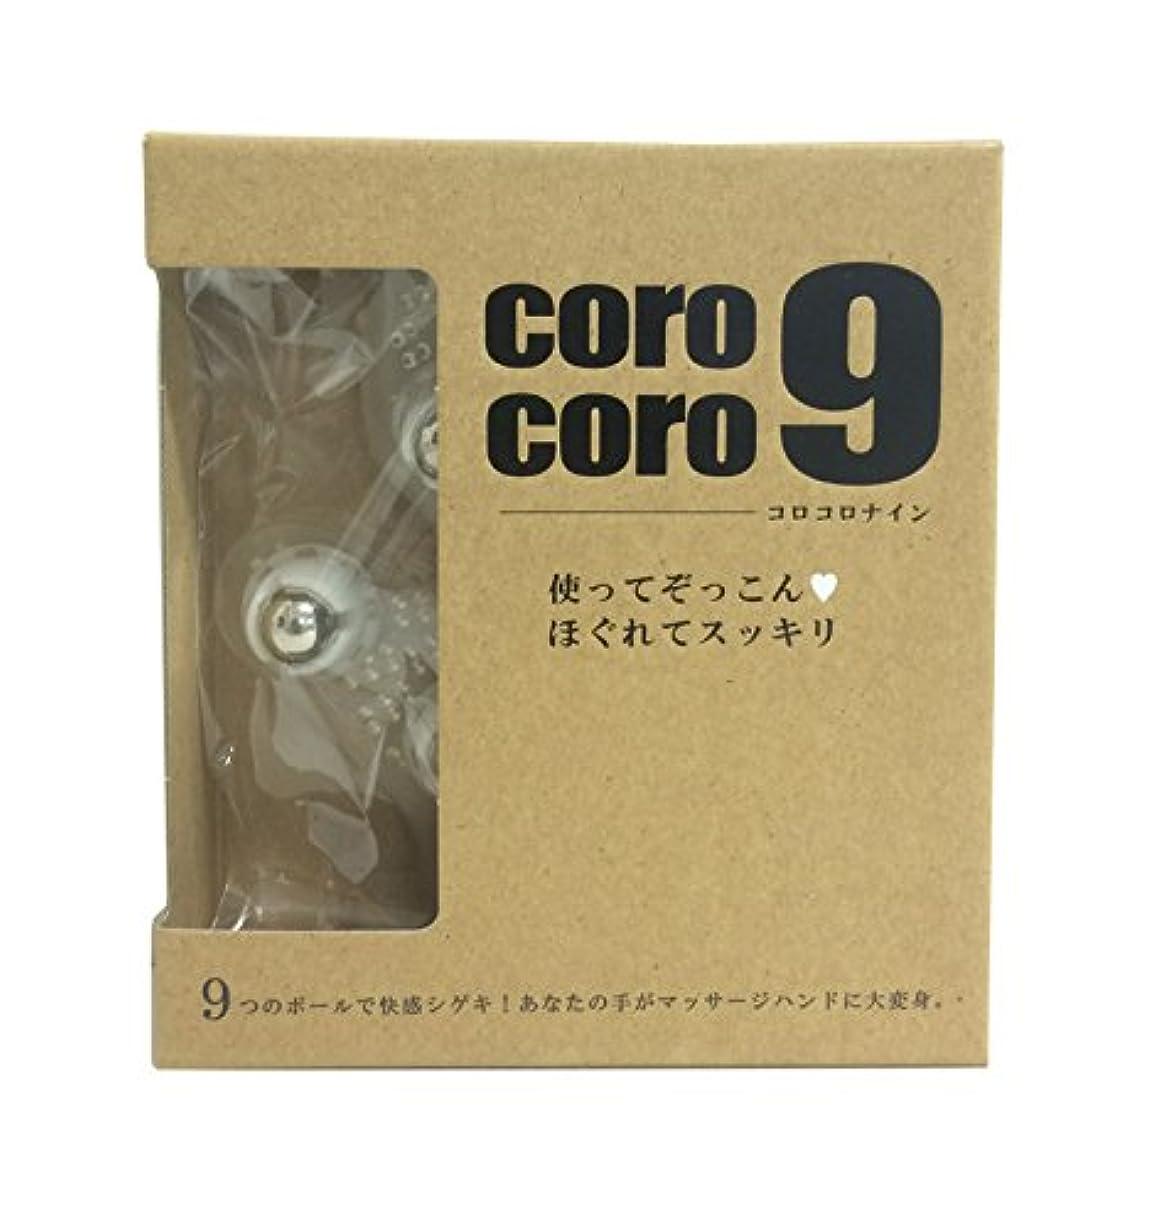 ドラムこっそり朝食を食べるReシリーズ CoroCoro9 クリア